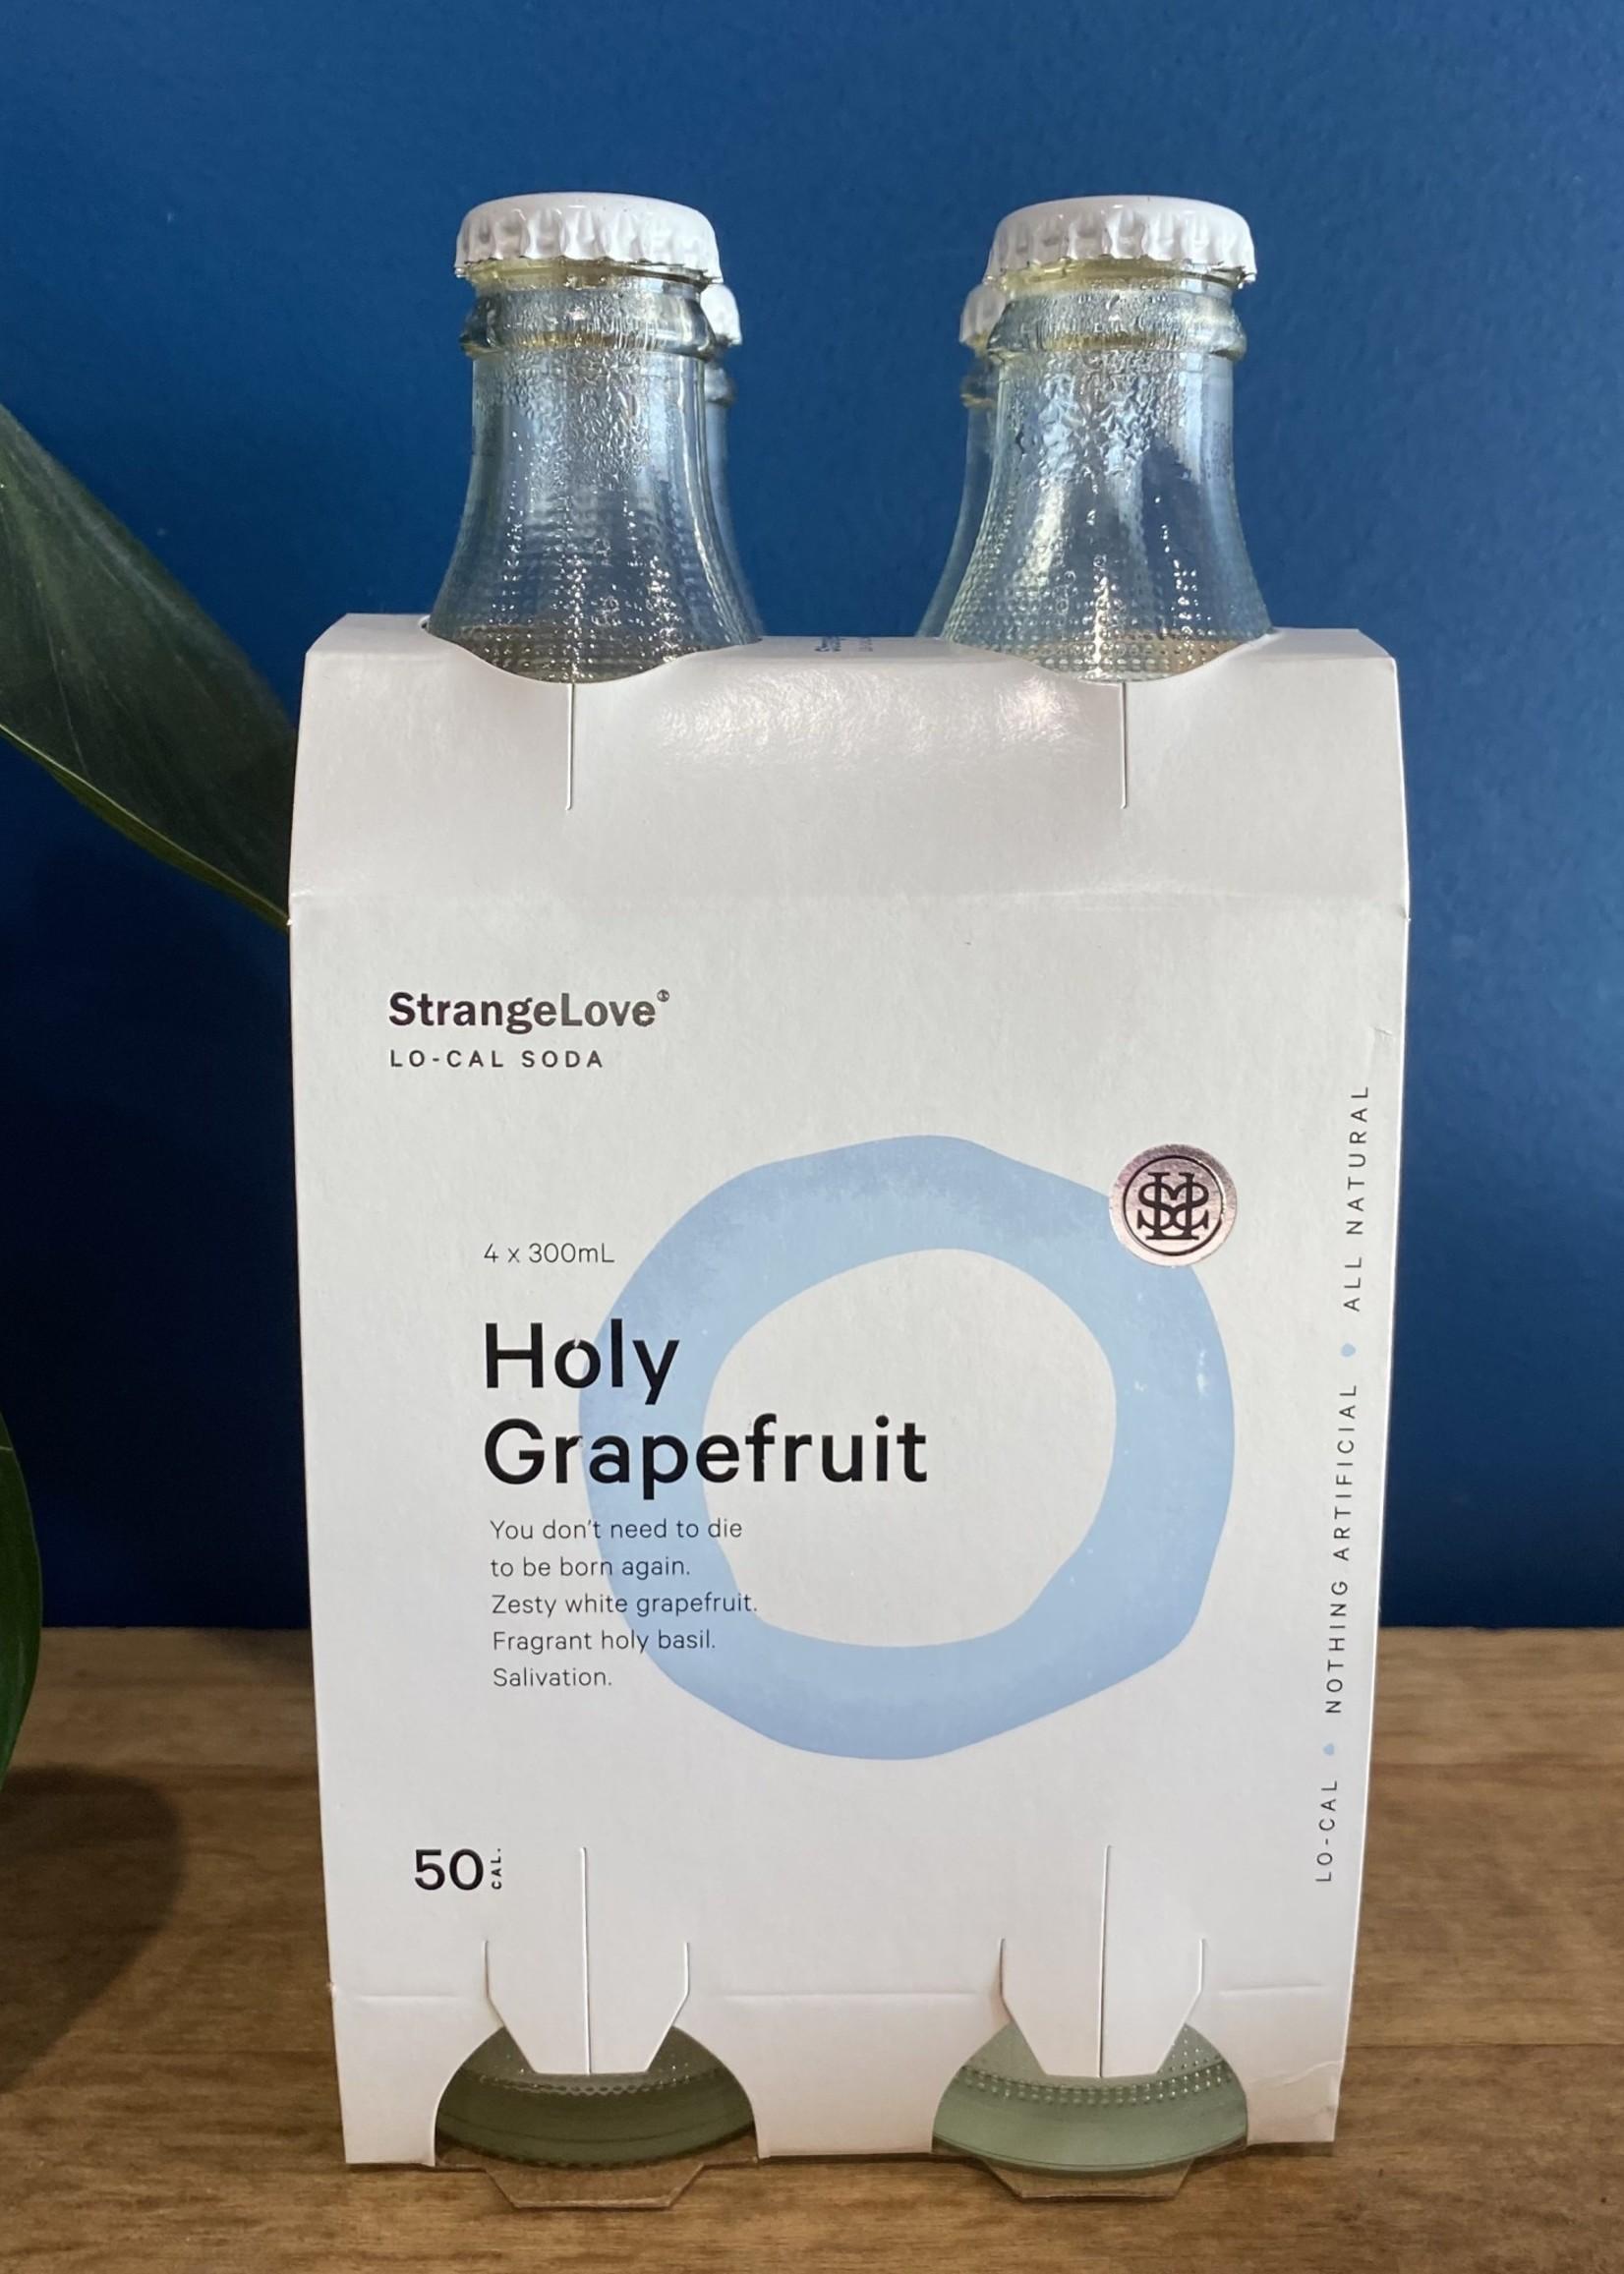 STRANGELOVE STRANGELOVE HOLY GRAPEFRUIT 300mls